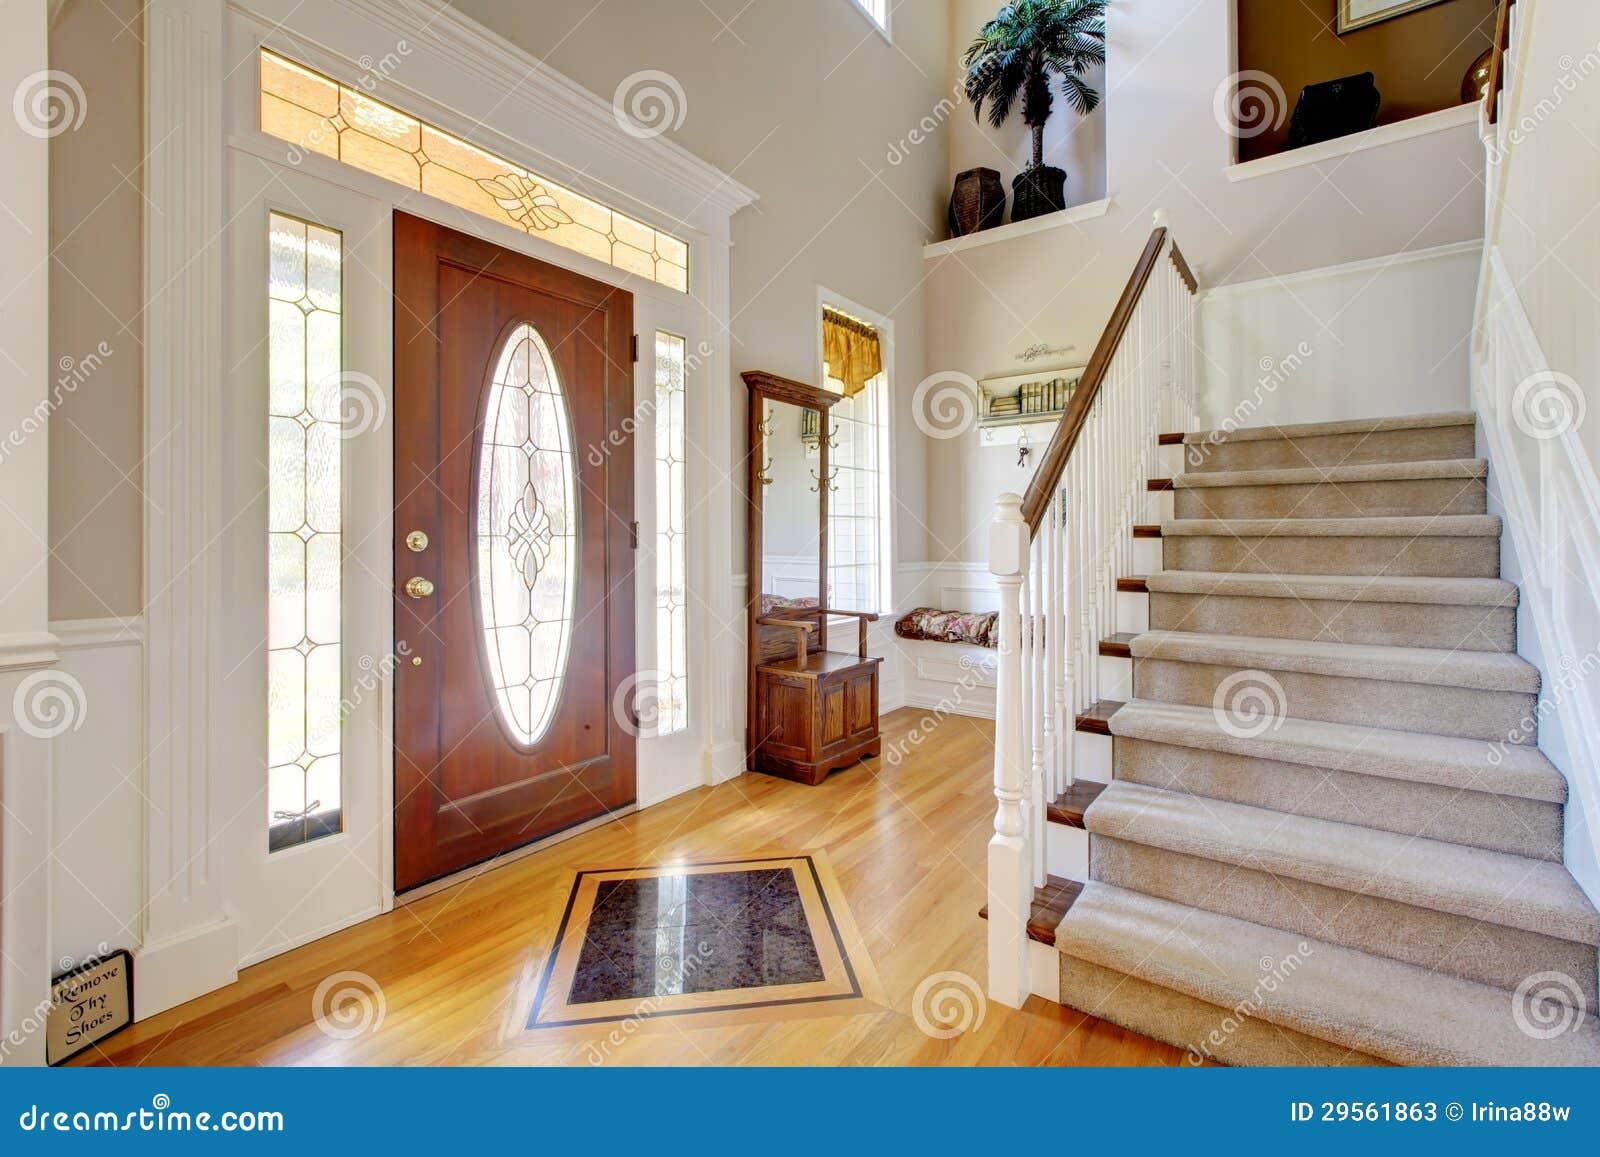 Int rieur la maison am ricain classique d 39 entr e avec l for Photos d interieur de maison